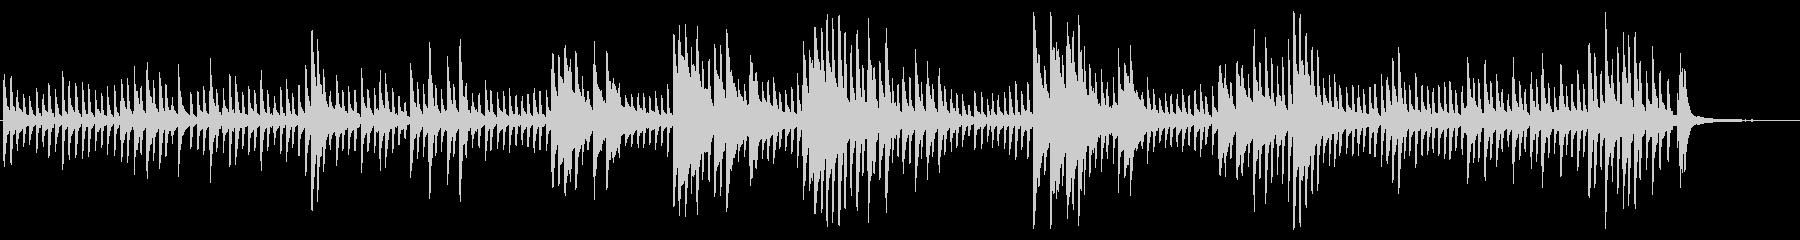 ピアノがキラキラ輝くBGMの未再生の波形